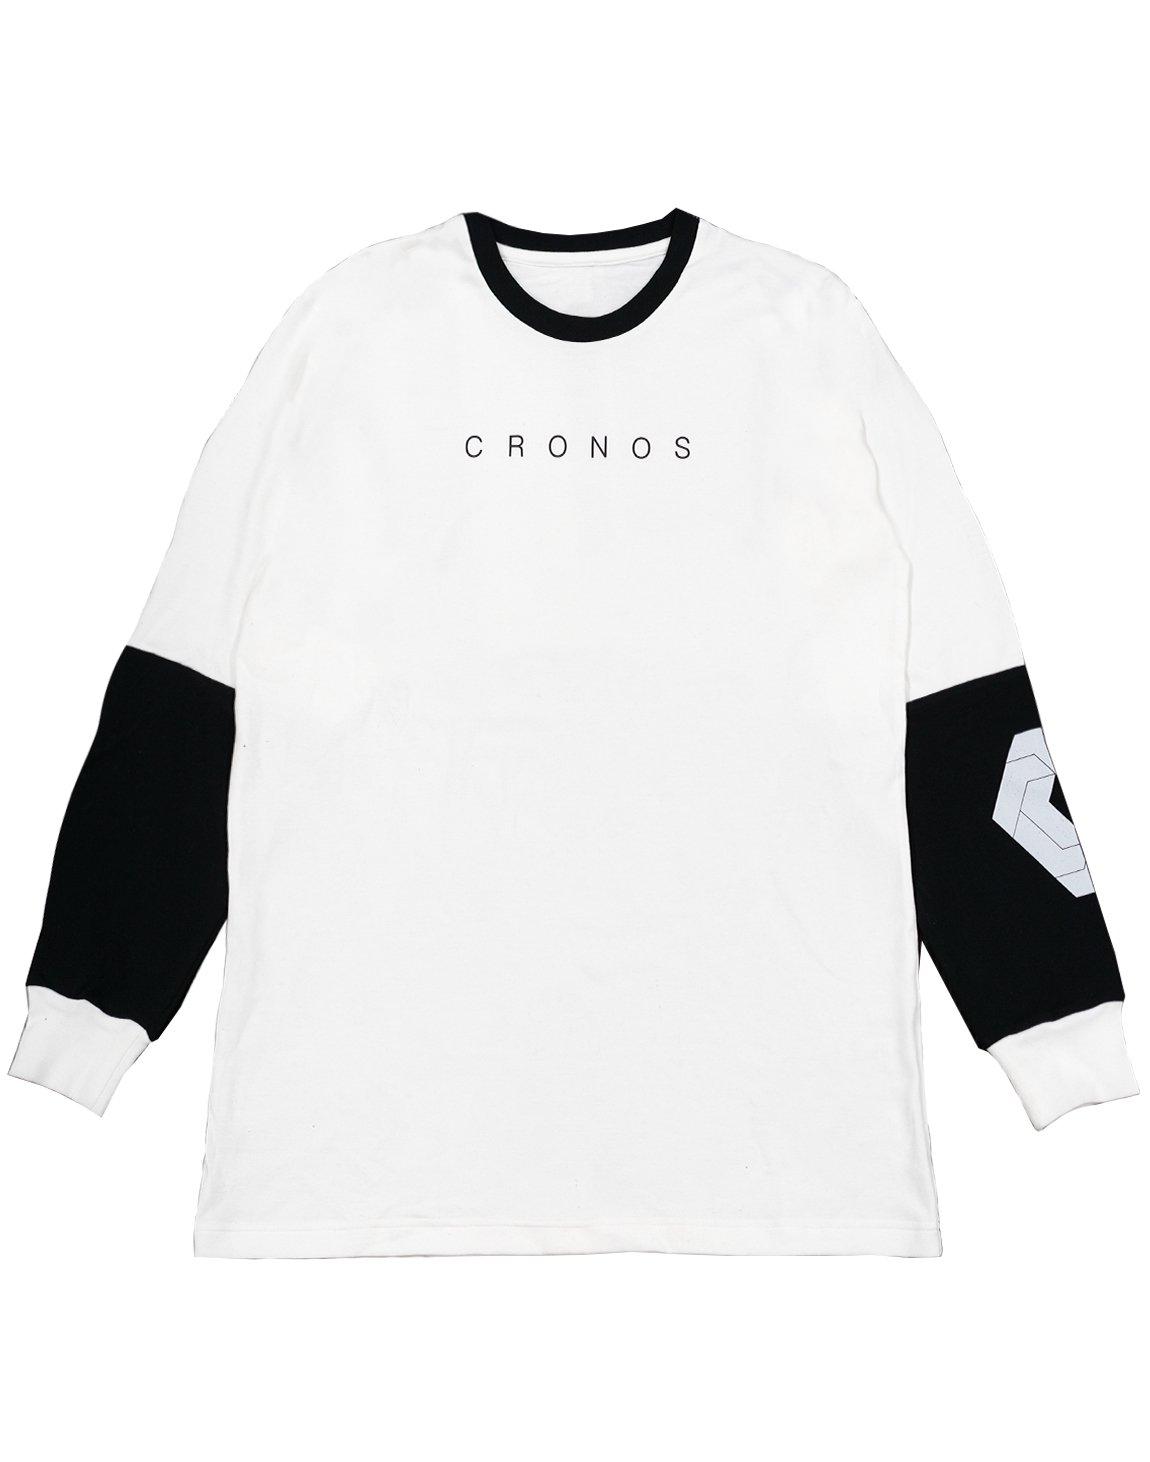 CRONOS NEW ARM LOGO LONG SLEEVE【WHITE】